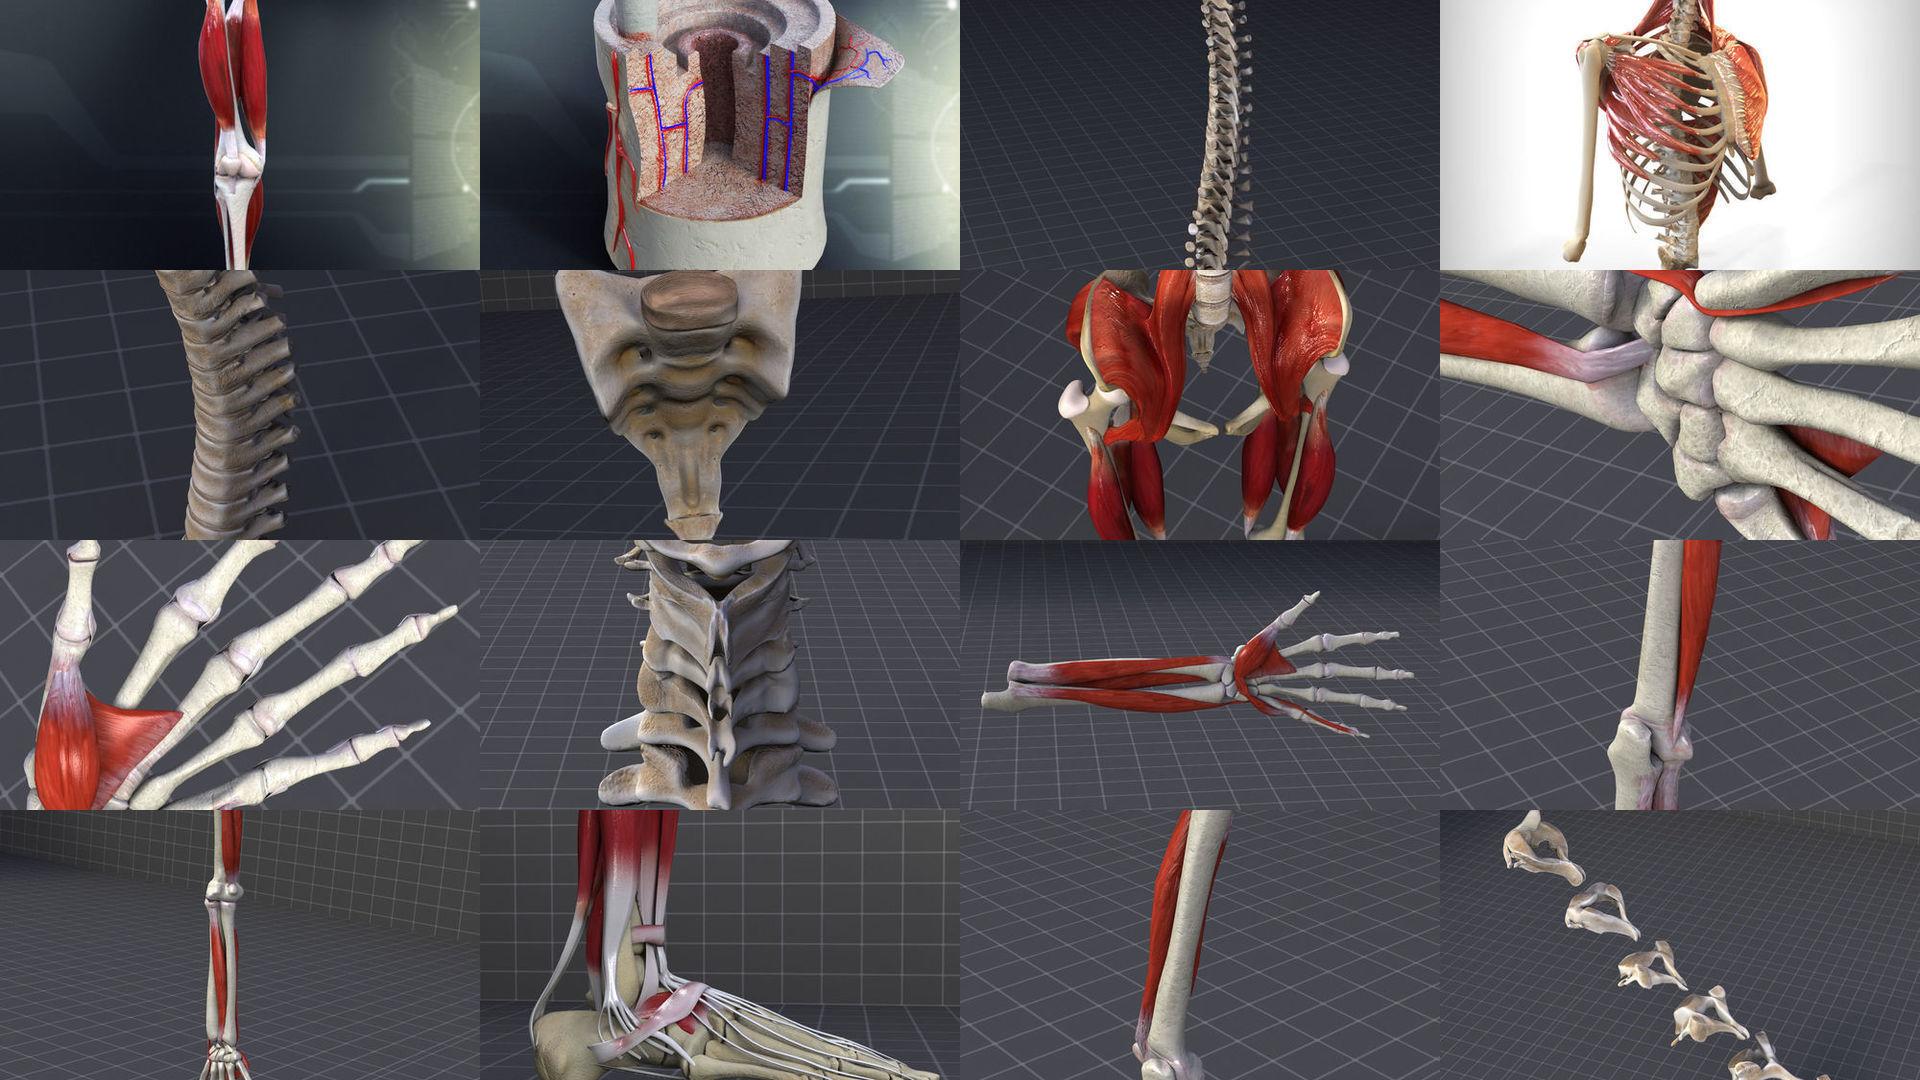 Skeletal System with Bone Anatomy